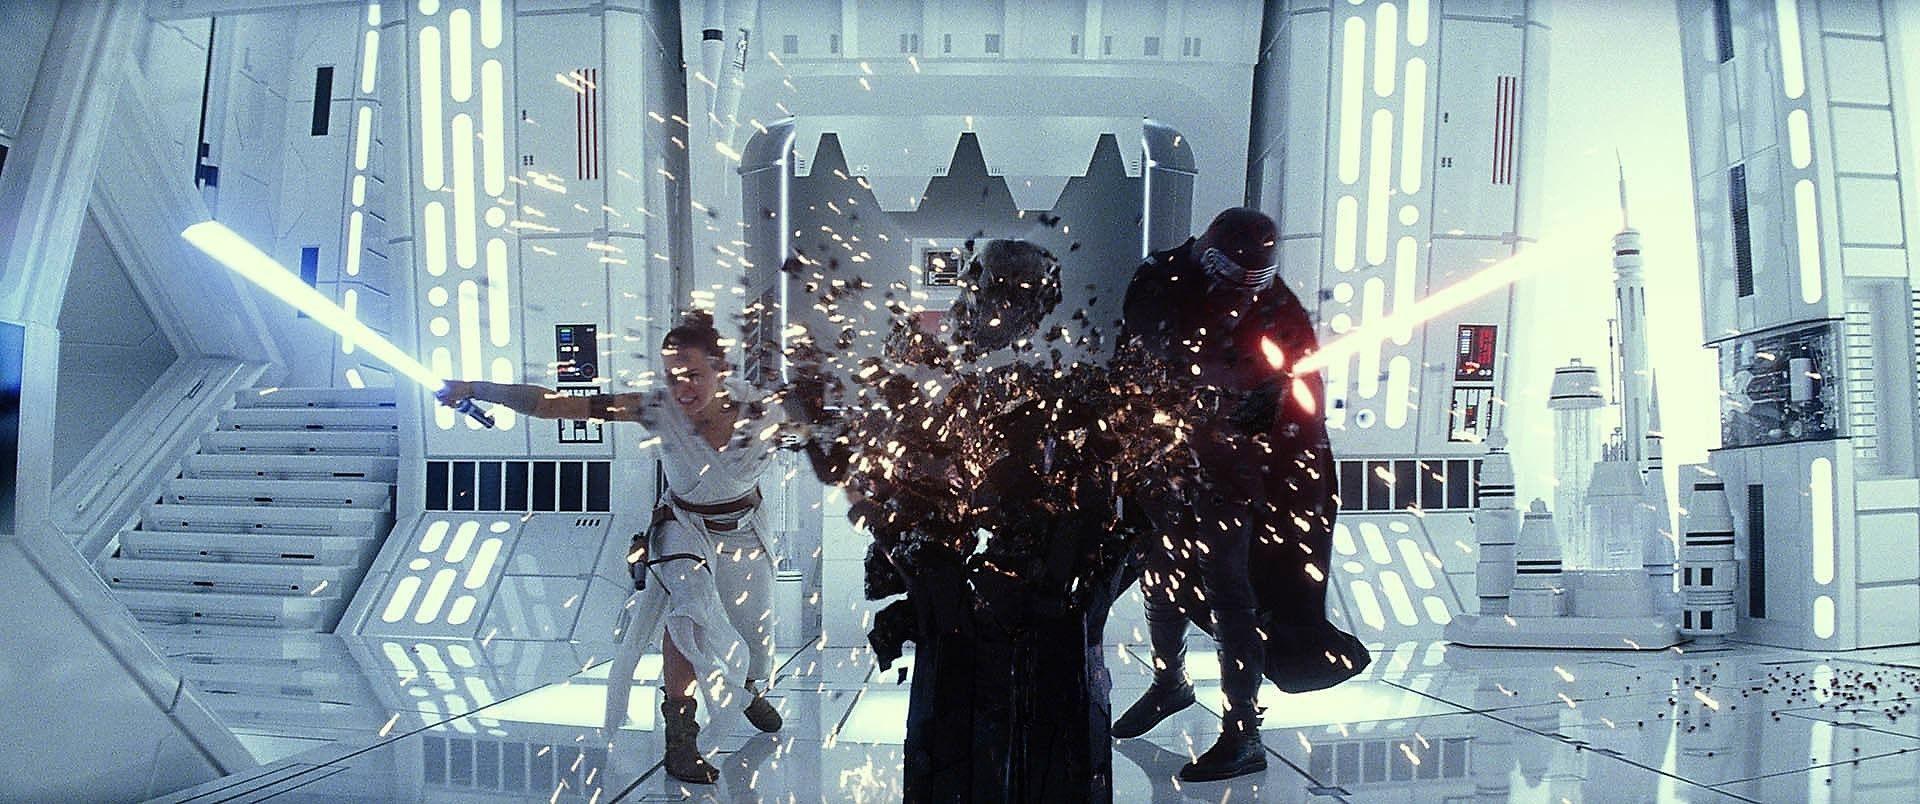 Errores narrativos en Star Wars